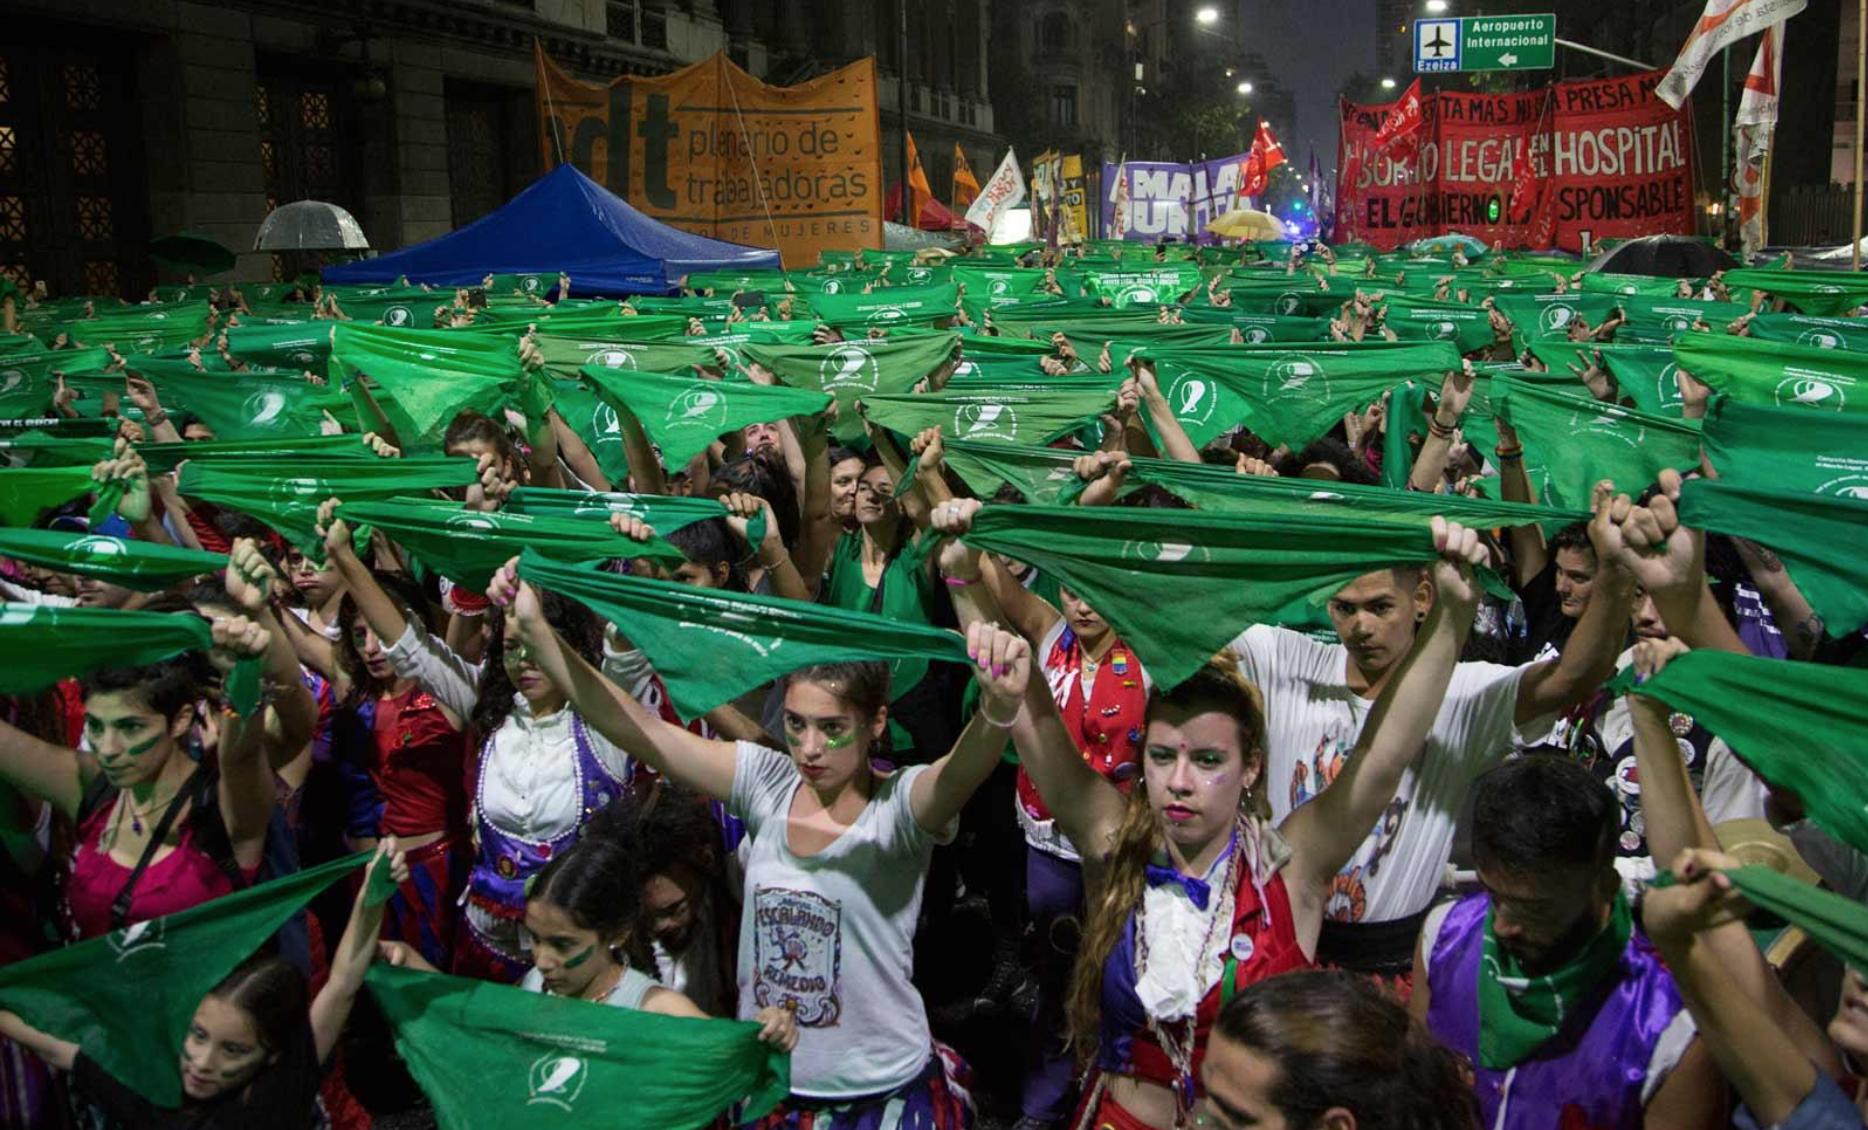 Marea verde en Argentina en pro de la legalización del aborto. Foto: Cortesía